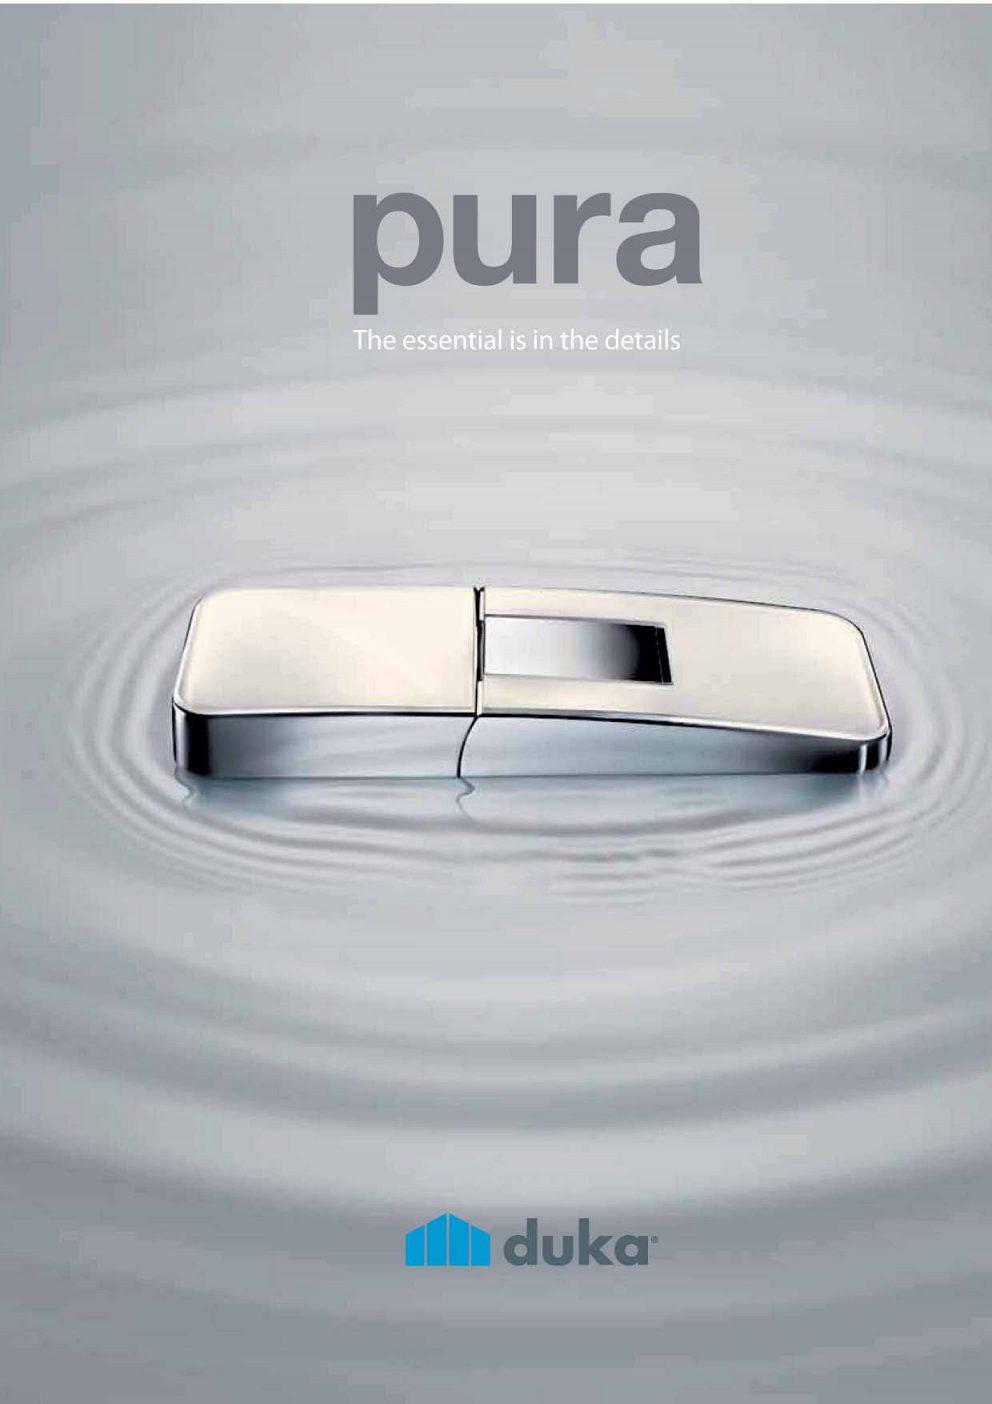 Duka - séria PURA